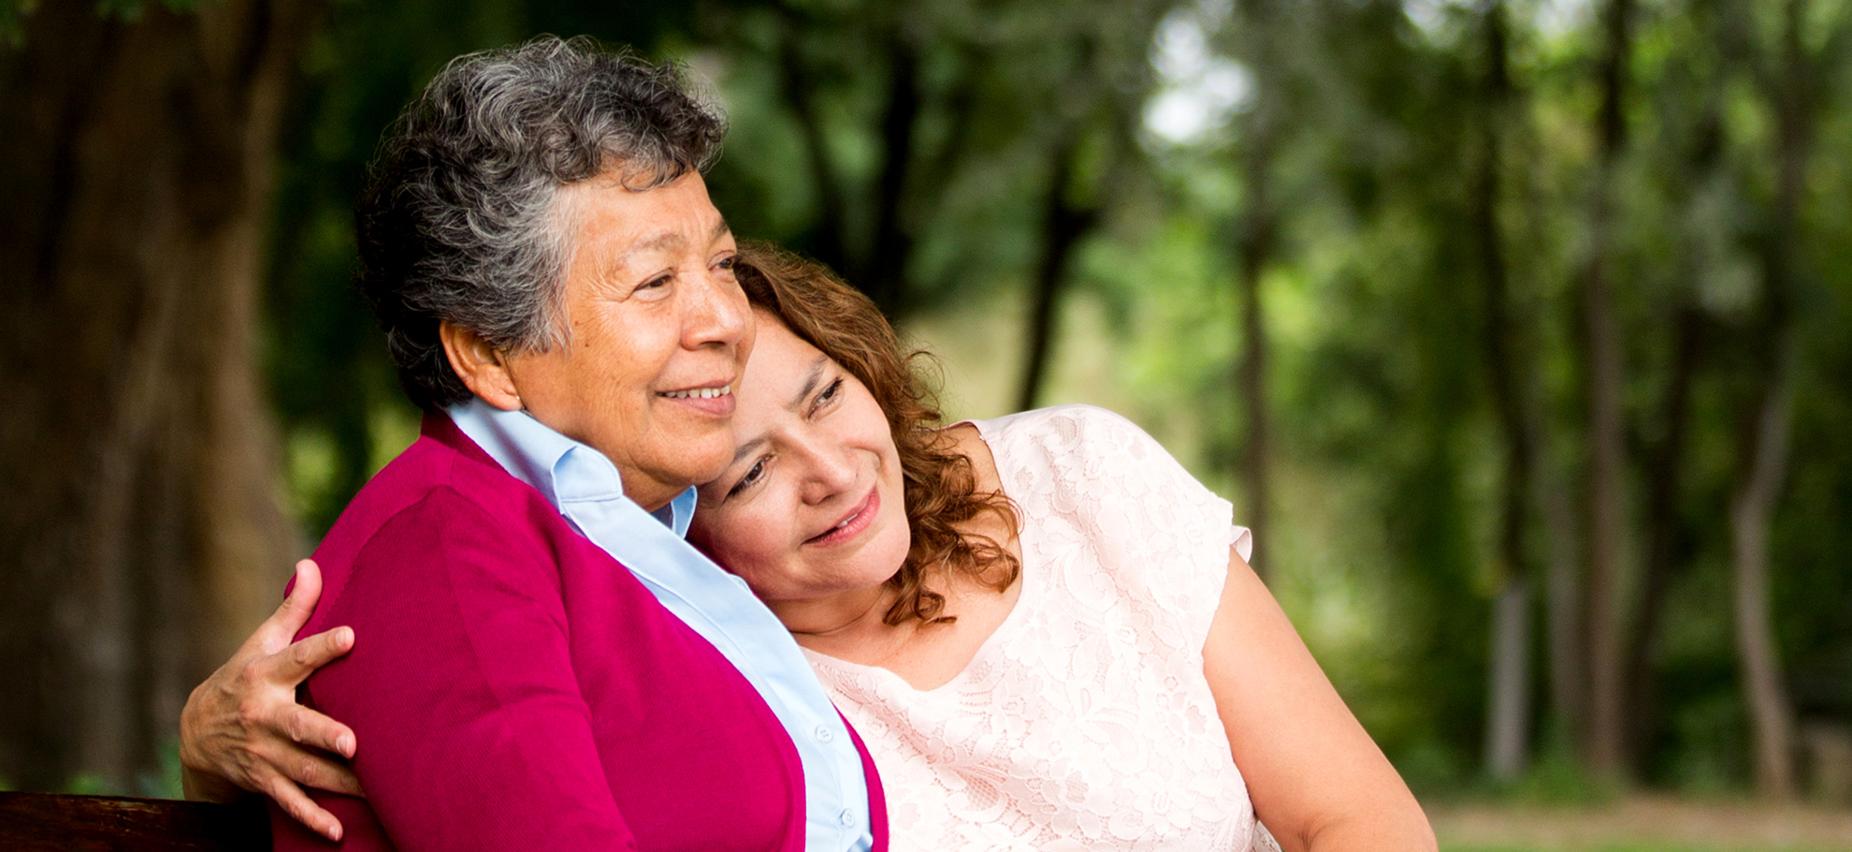 national caregiver month